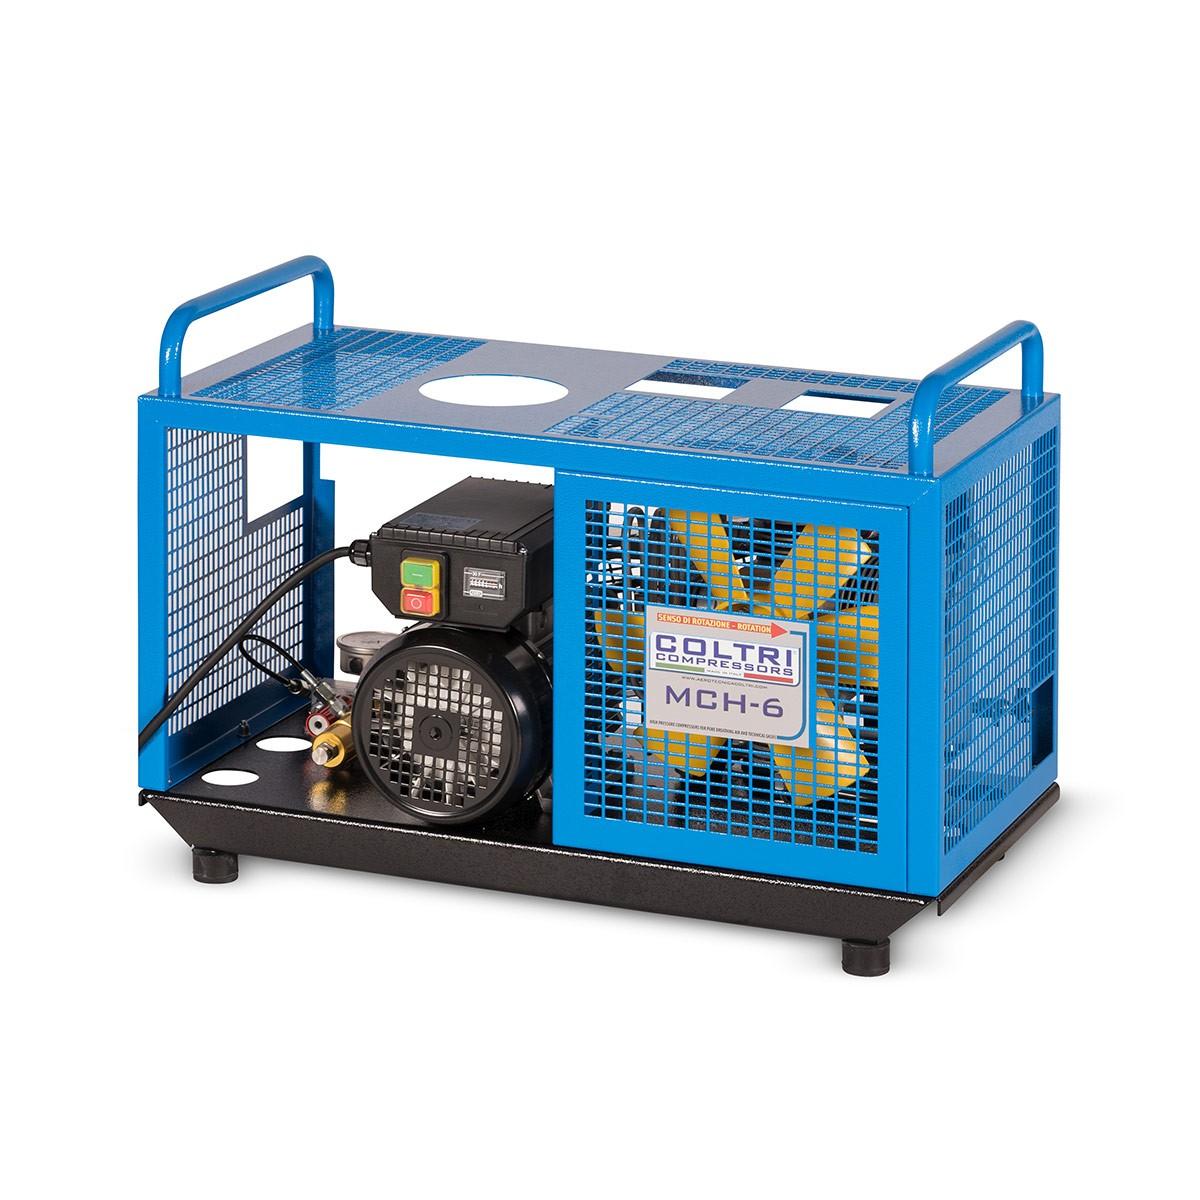 Coltri MCH 6 Compact Portable Compressor